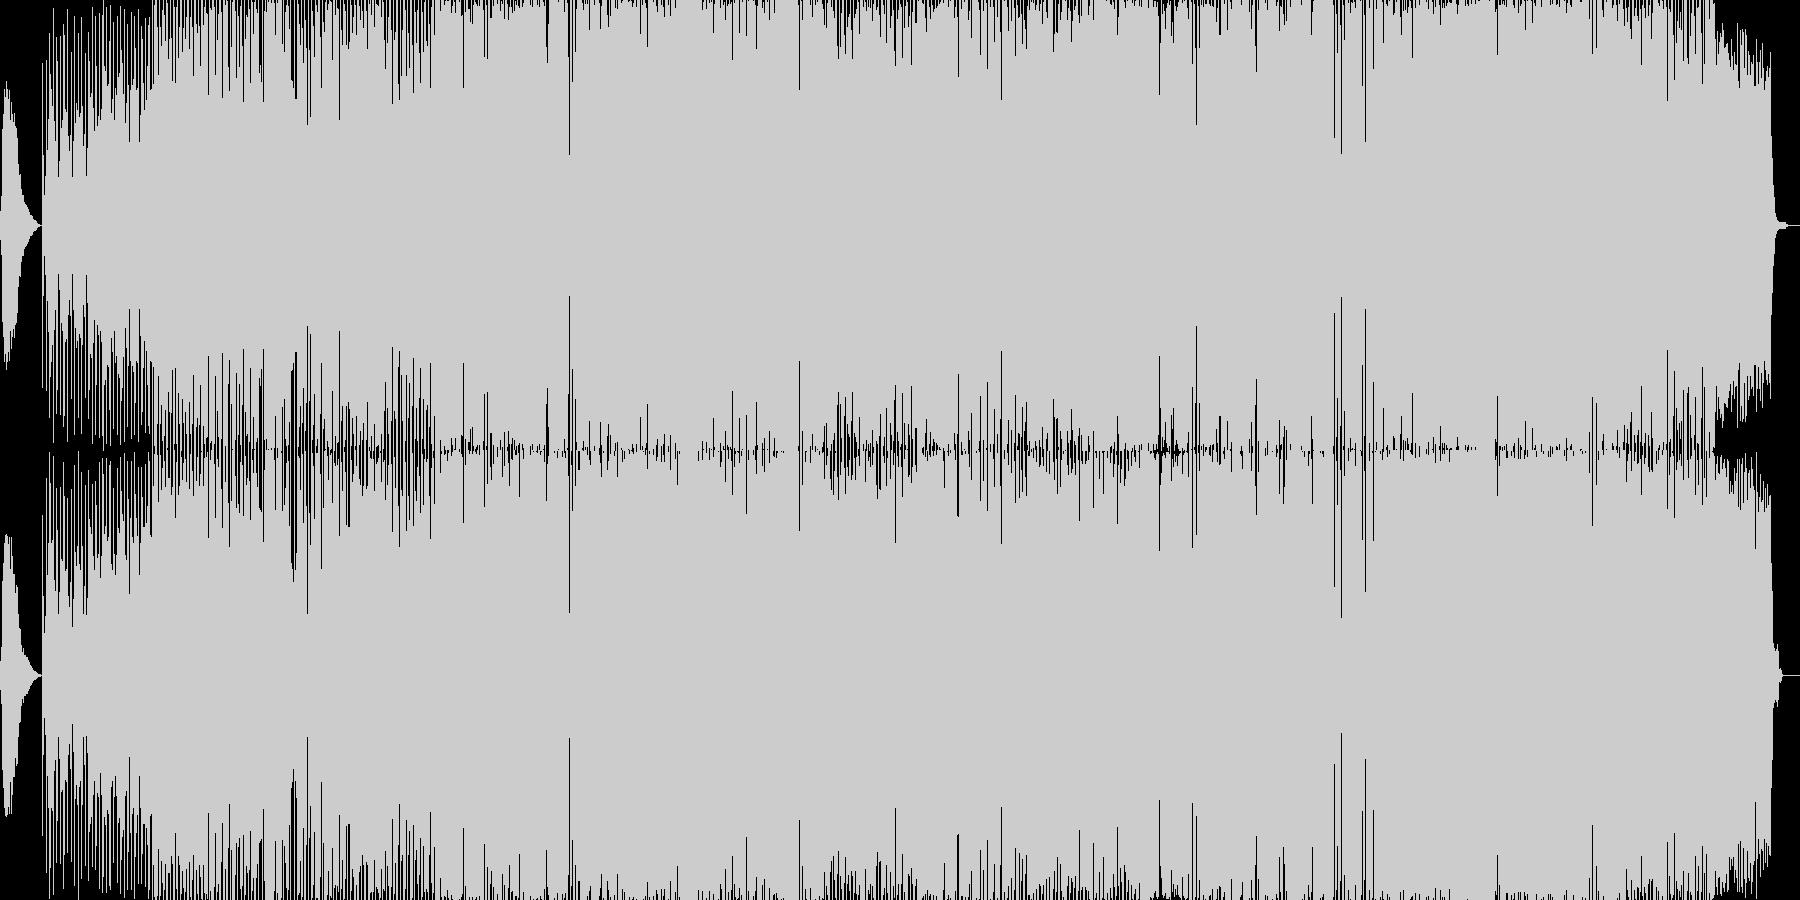 静かでゆったりとしたロックバラード曲。の未再生の波形